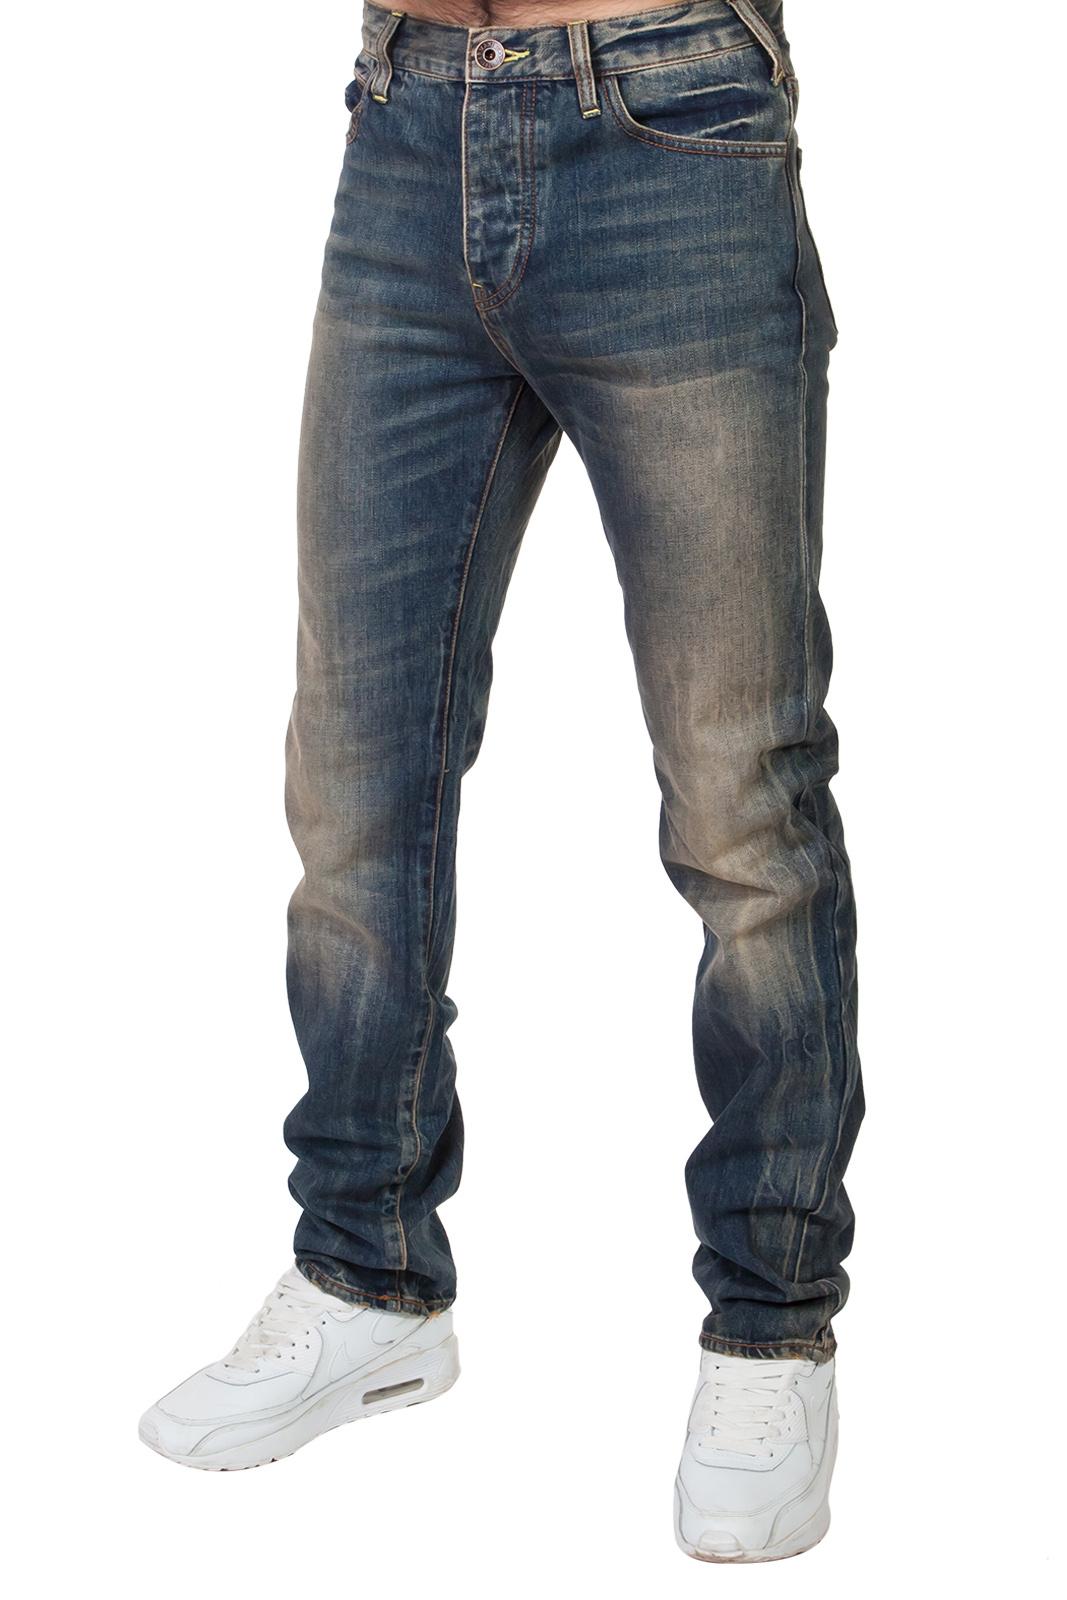 Модельные мужские джинсы по супер цене – опт получает 50% скидки